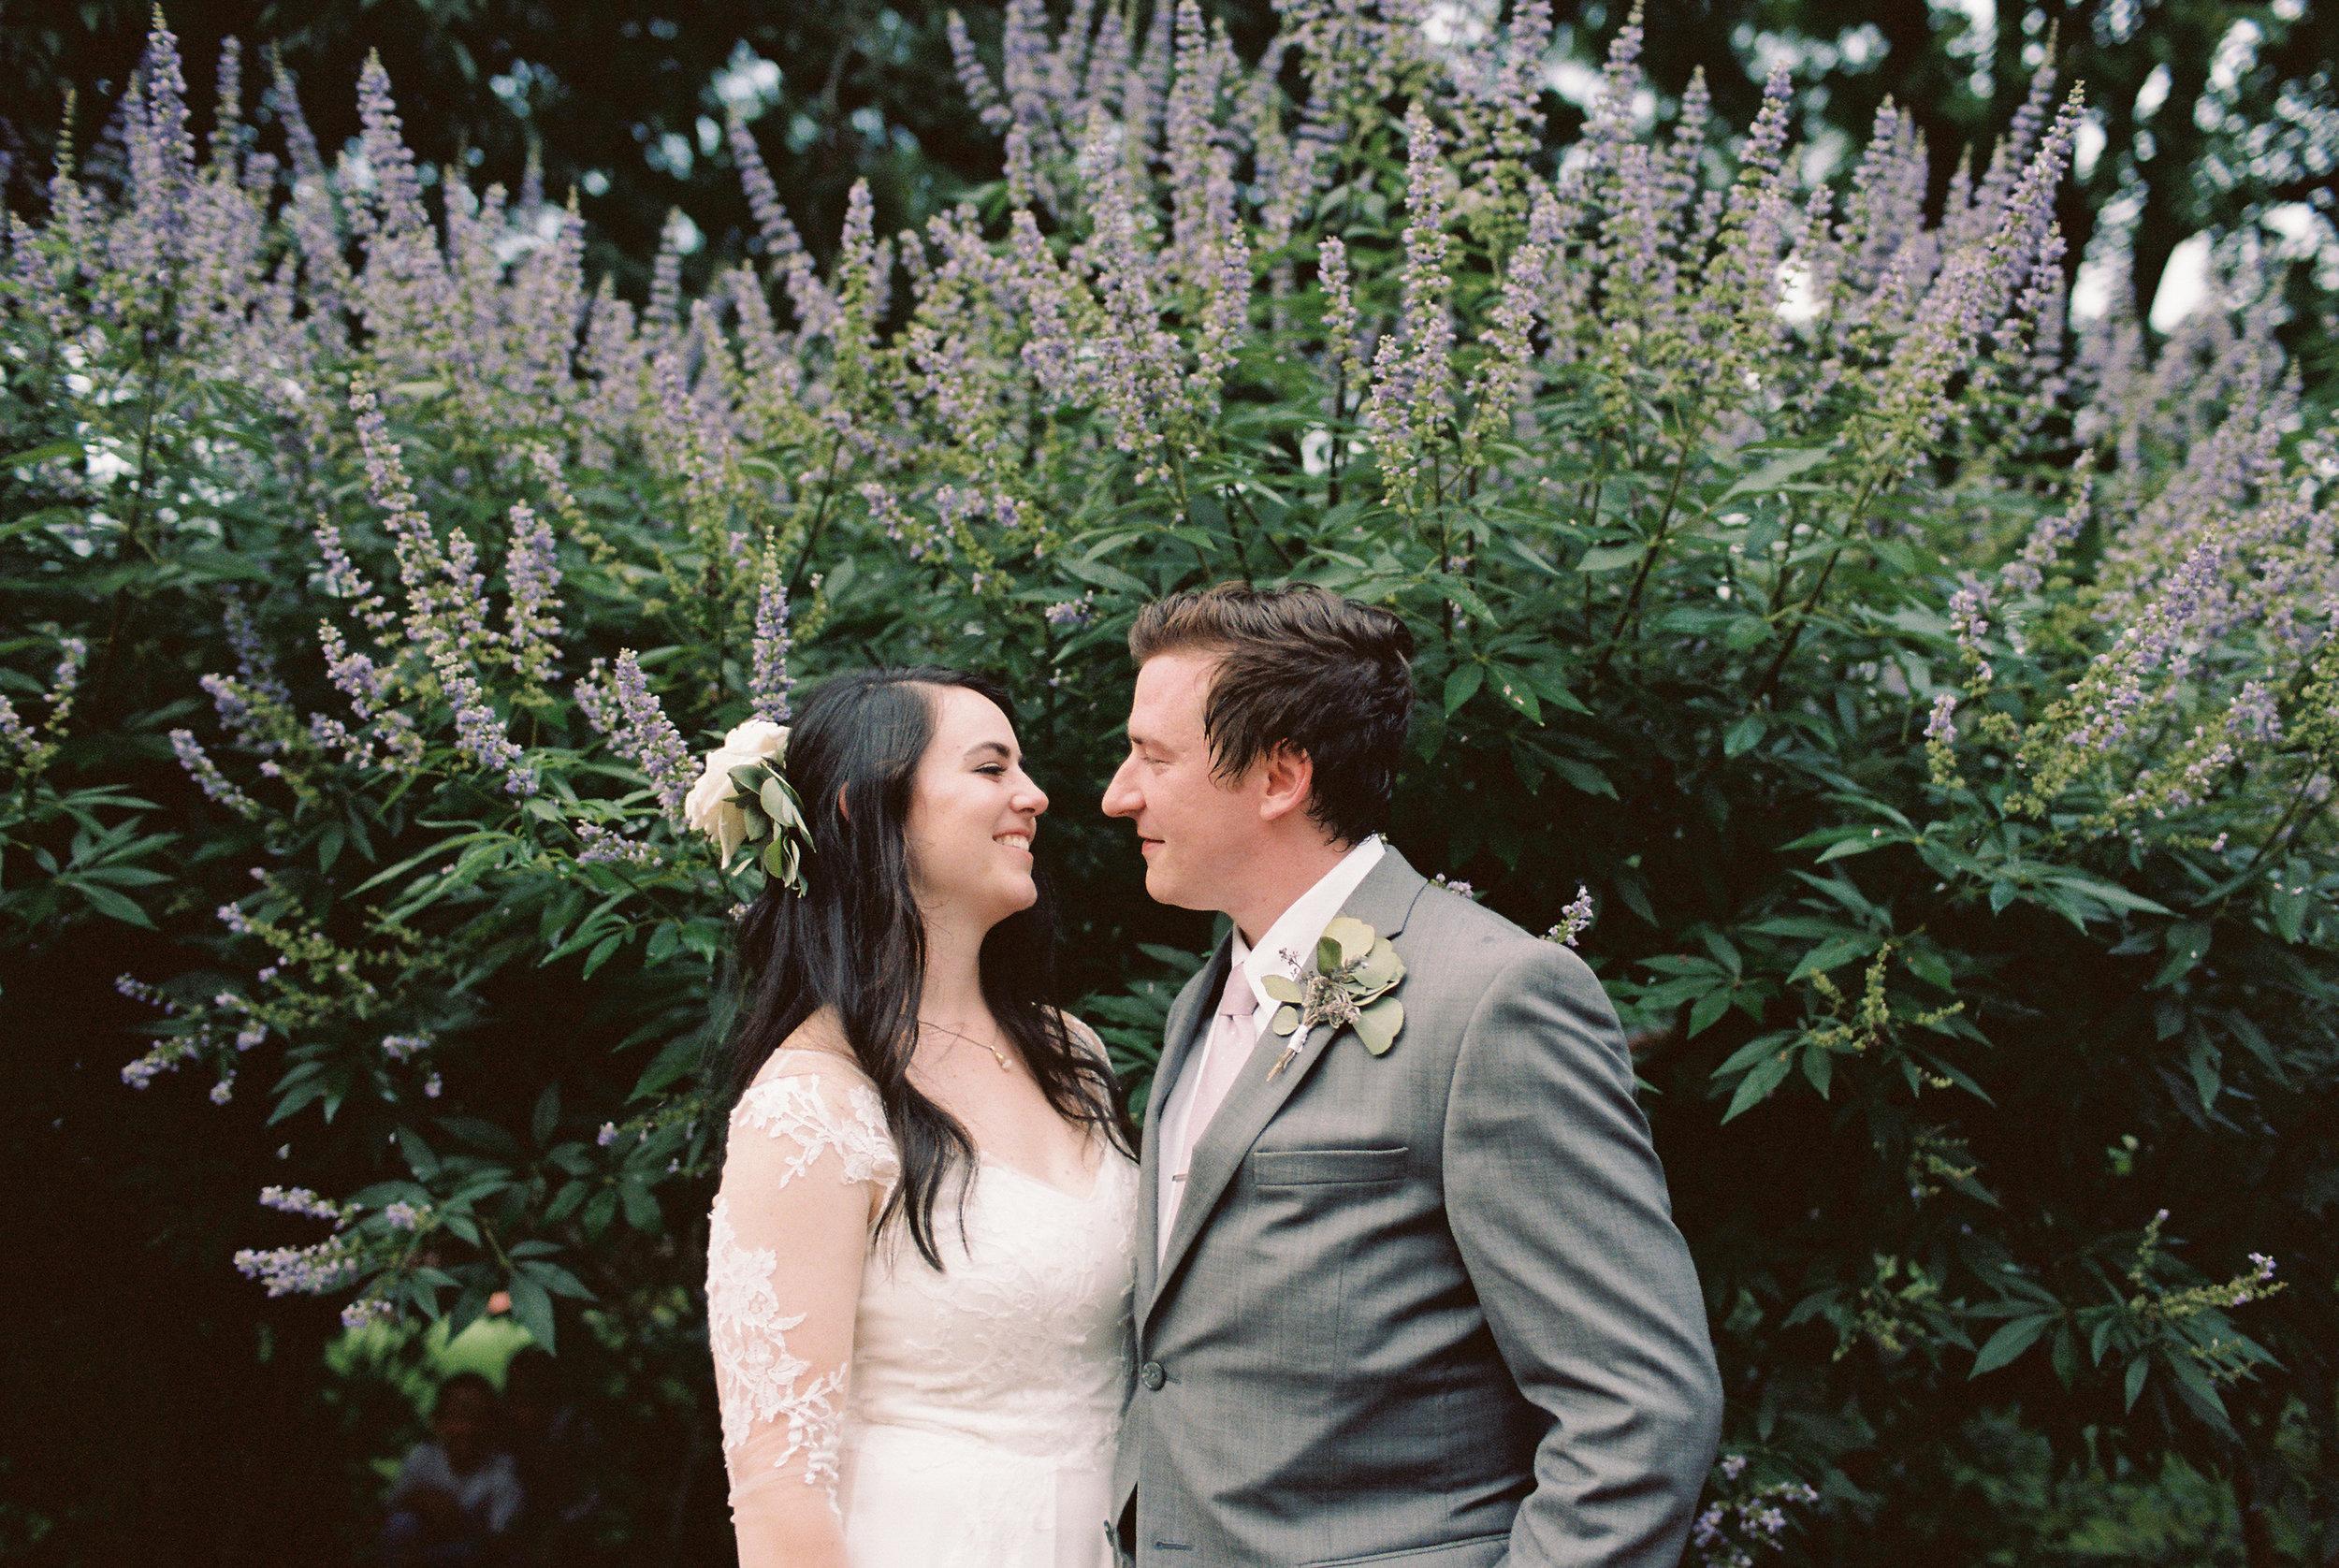 bride-and-groom-in-lavender.jpg